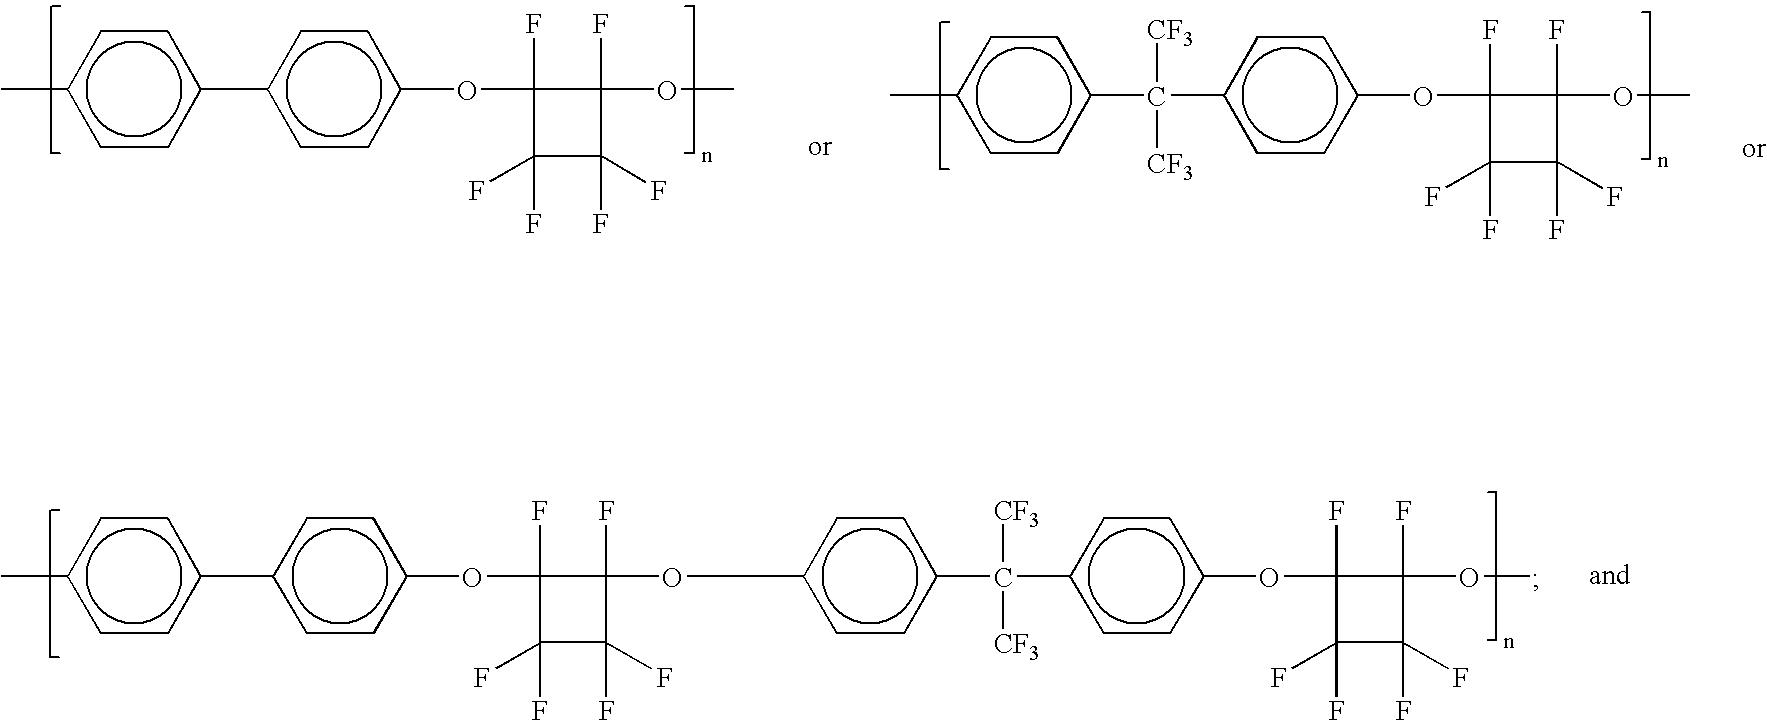 Figure US20070099054A1-20070503-C00009